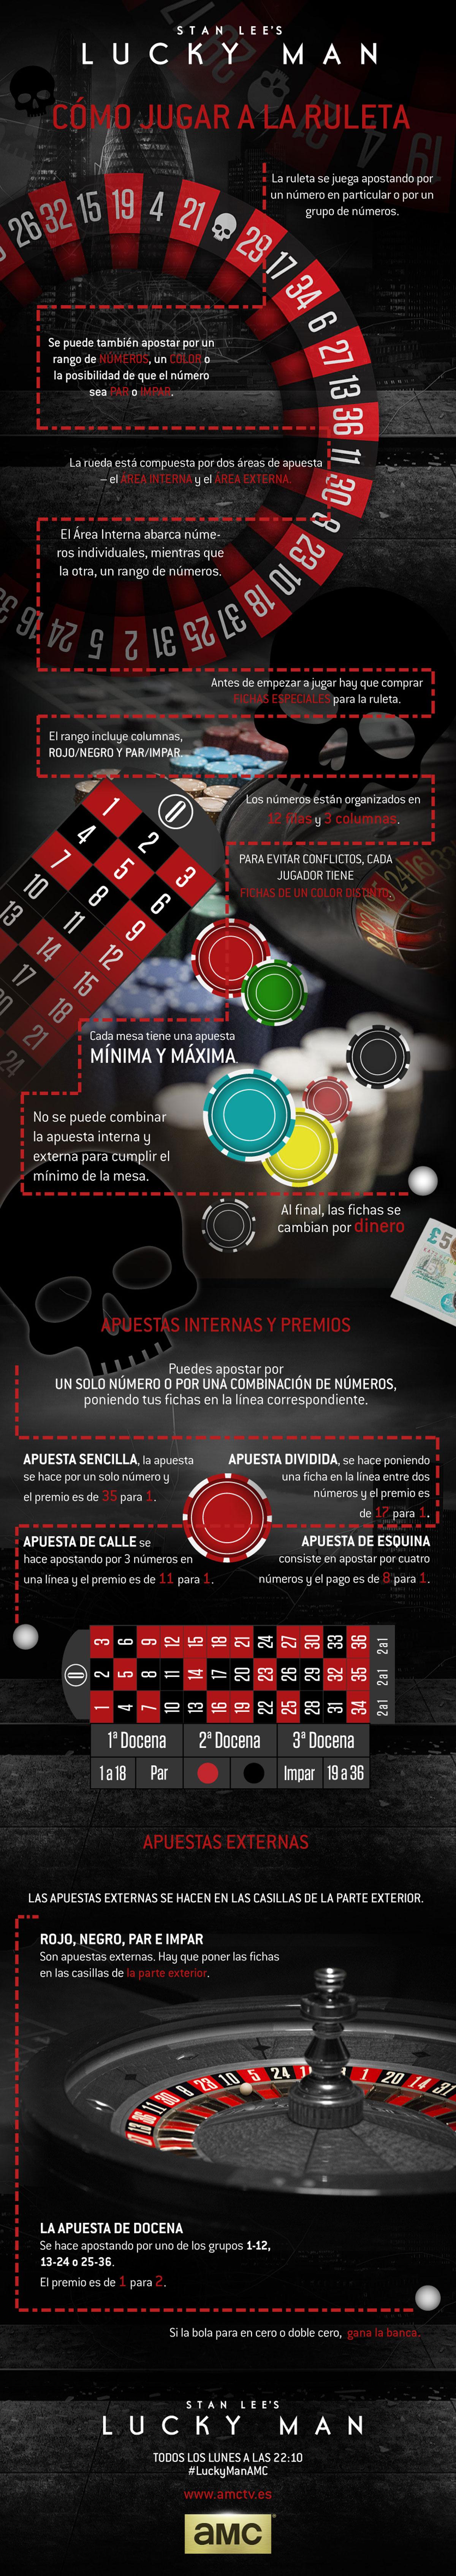 infografía-lucky-man